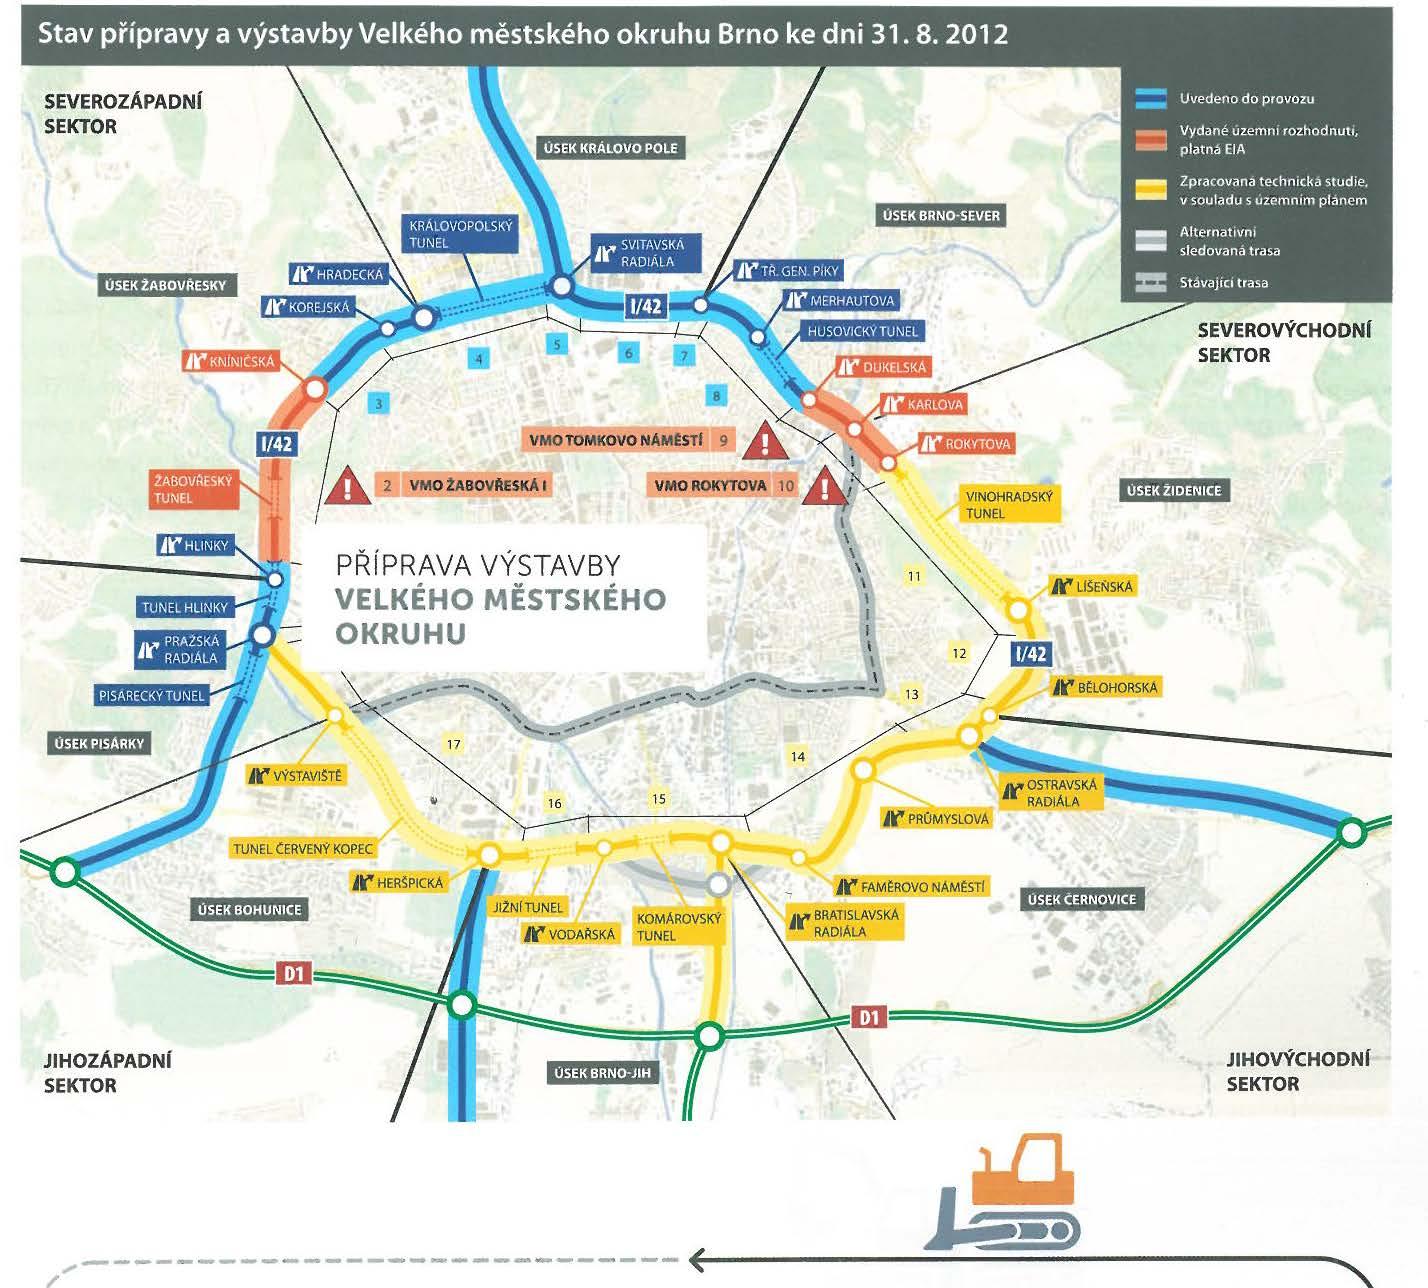 Plán velkého městského okruhu Brno